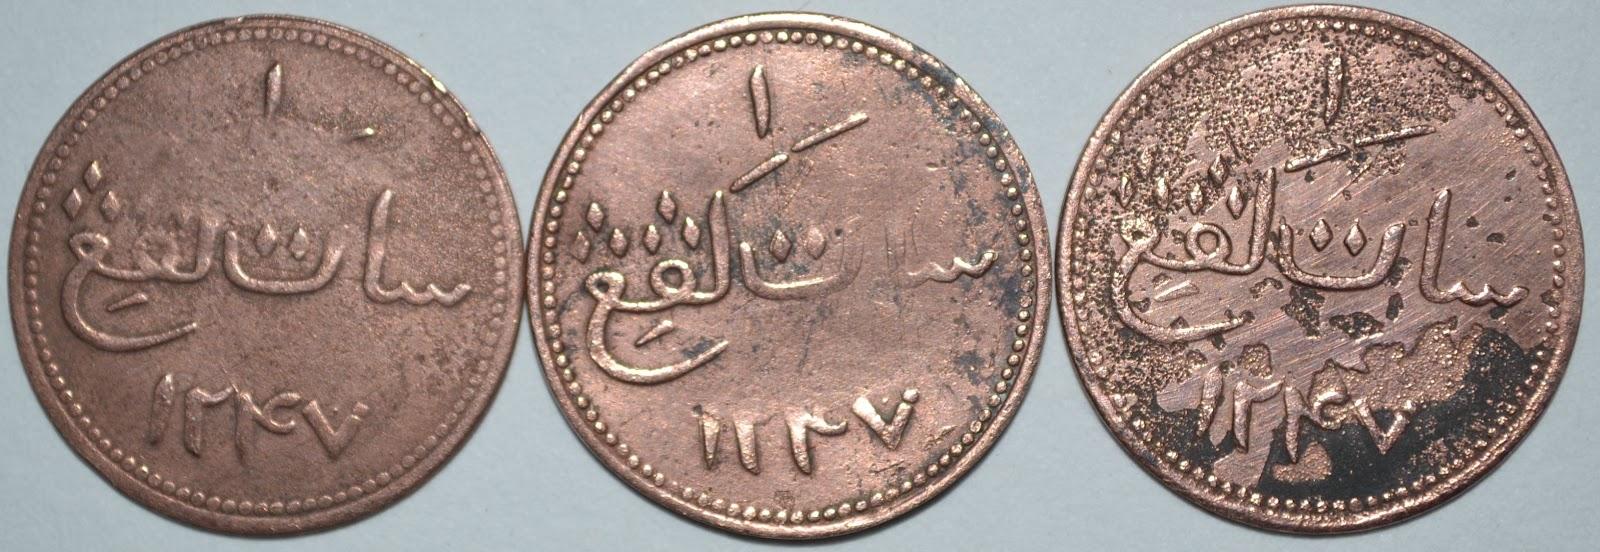 Galeri Sha Banknote SILING PERTAMA RAJA BROOKE SARAWAK